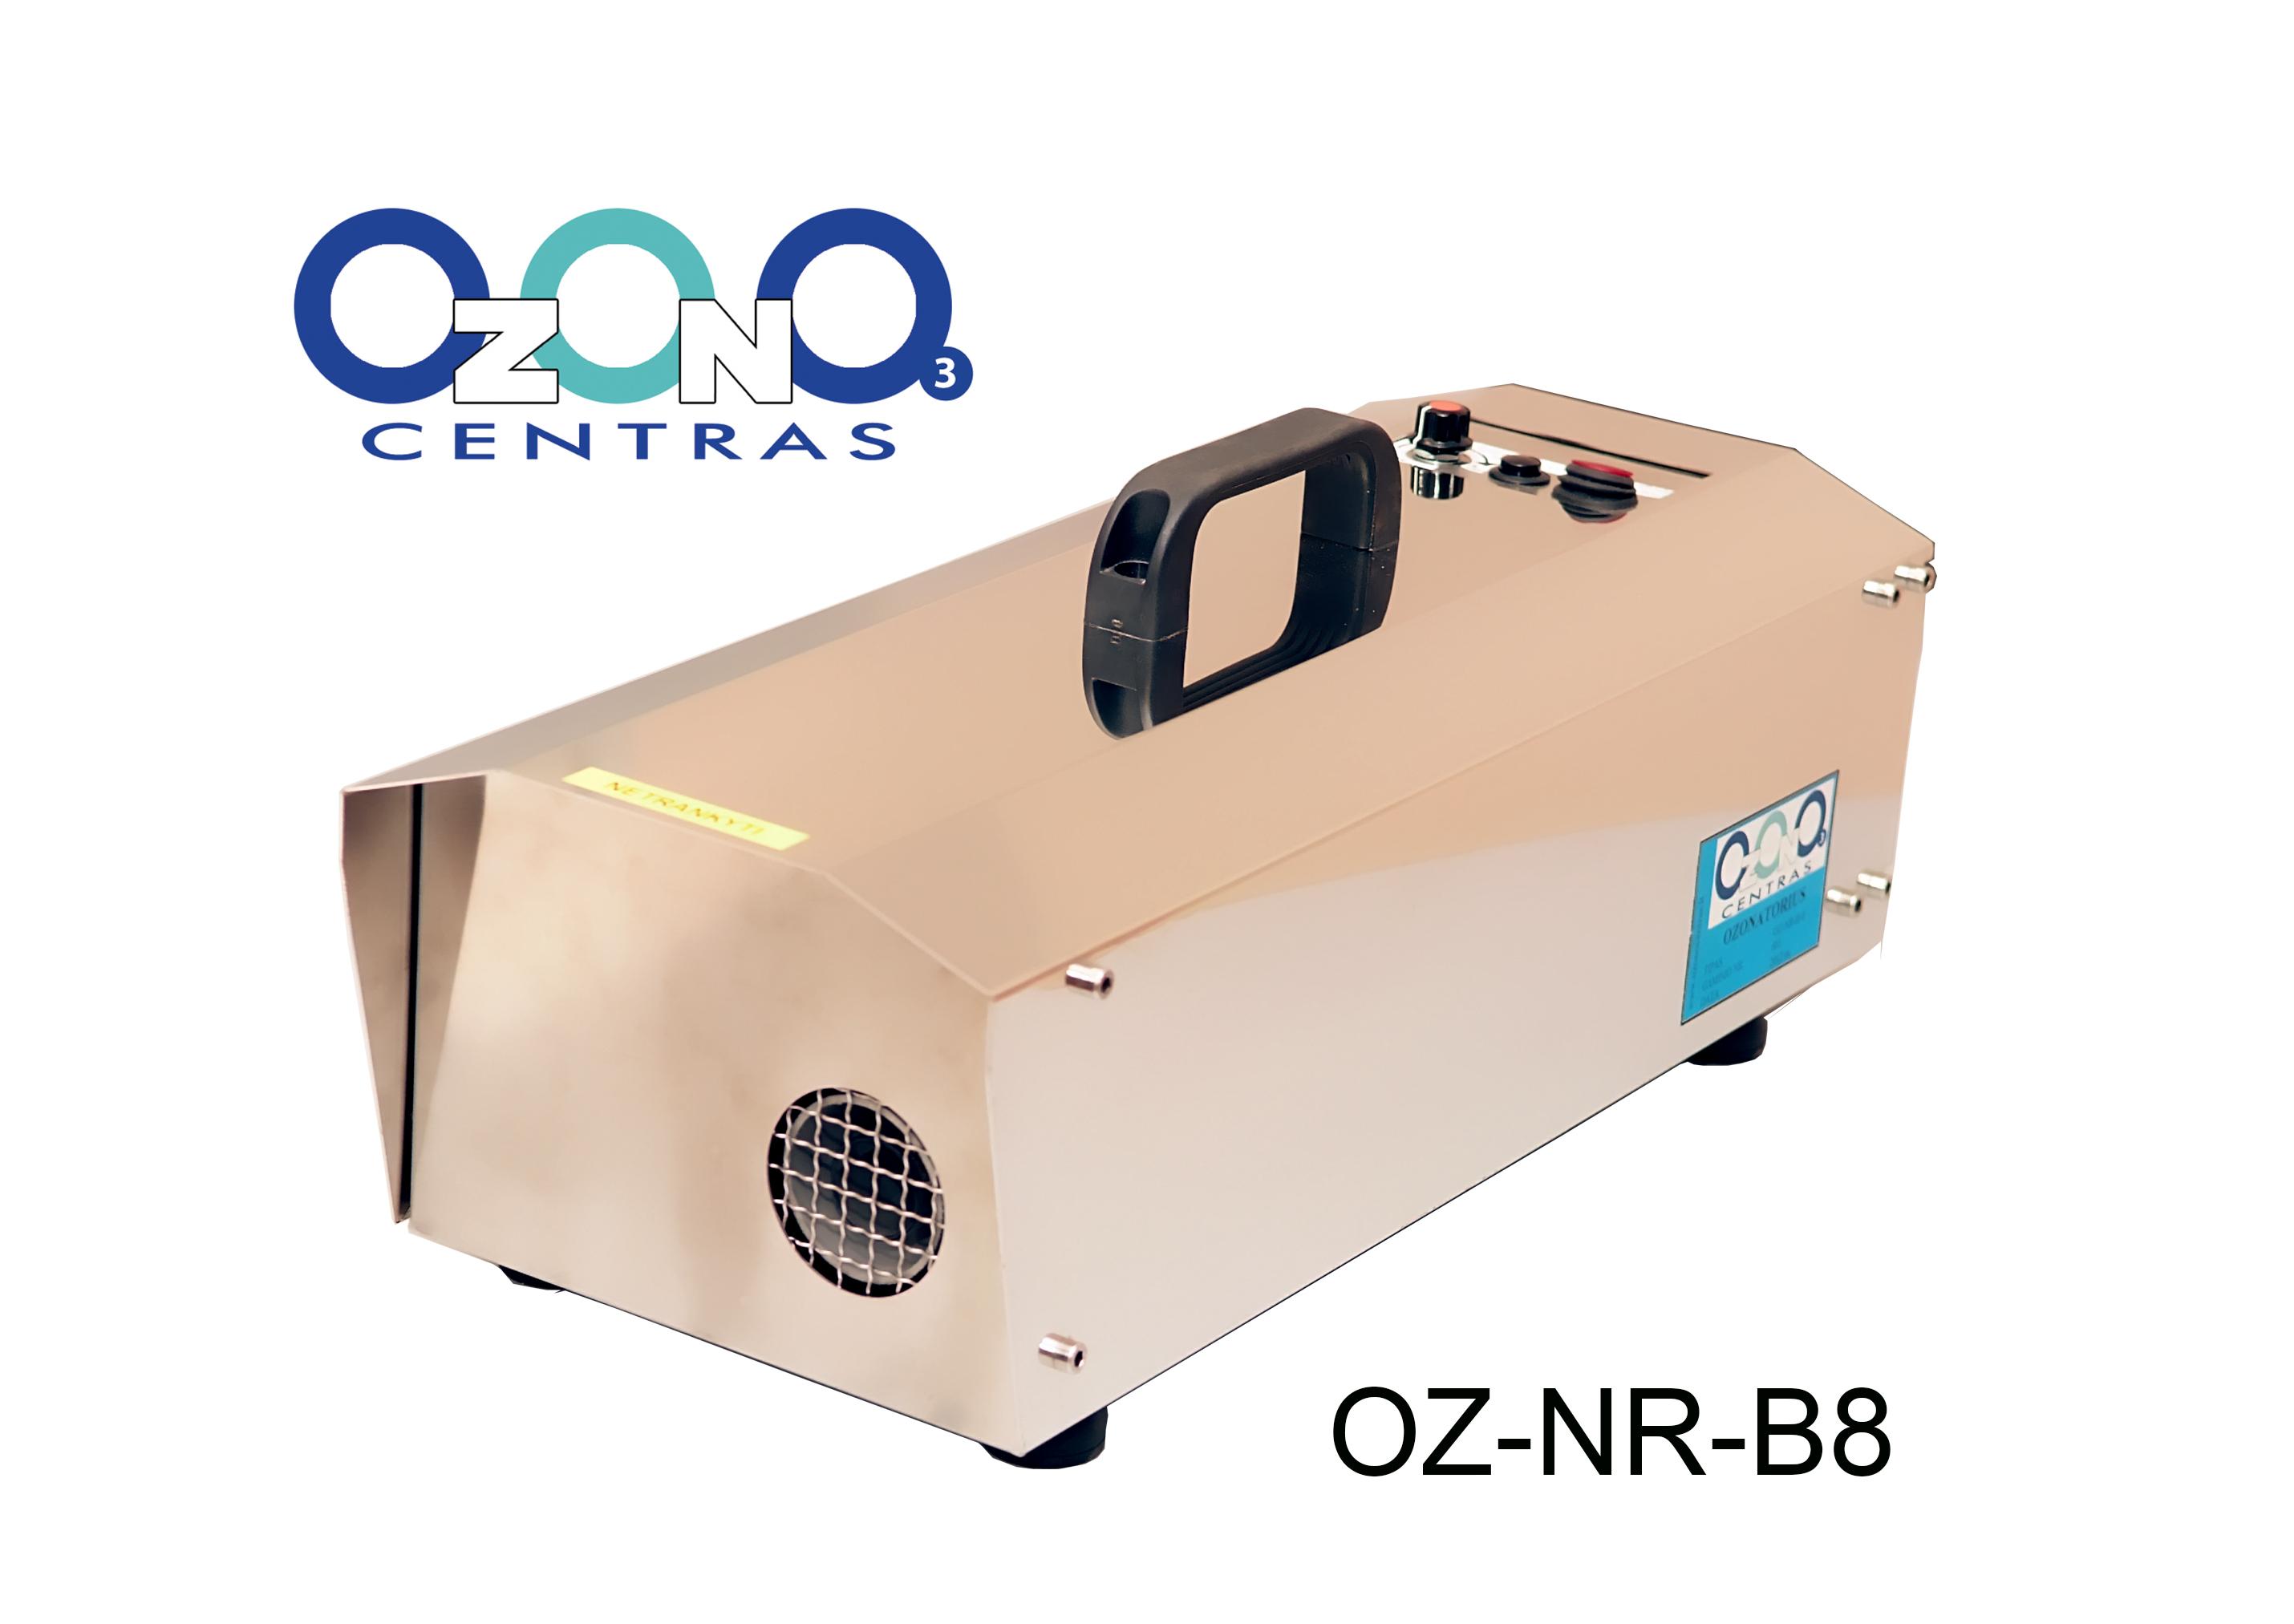 OZ-NR-B8